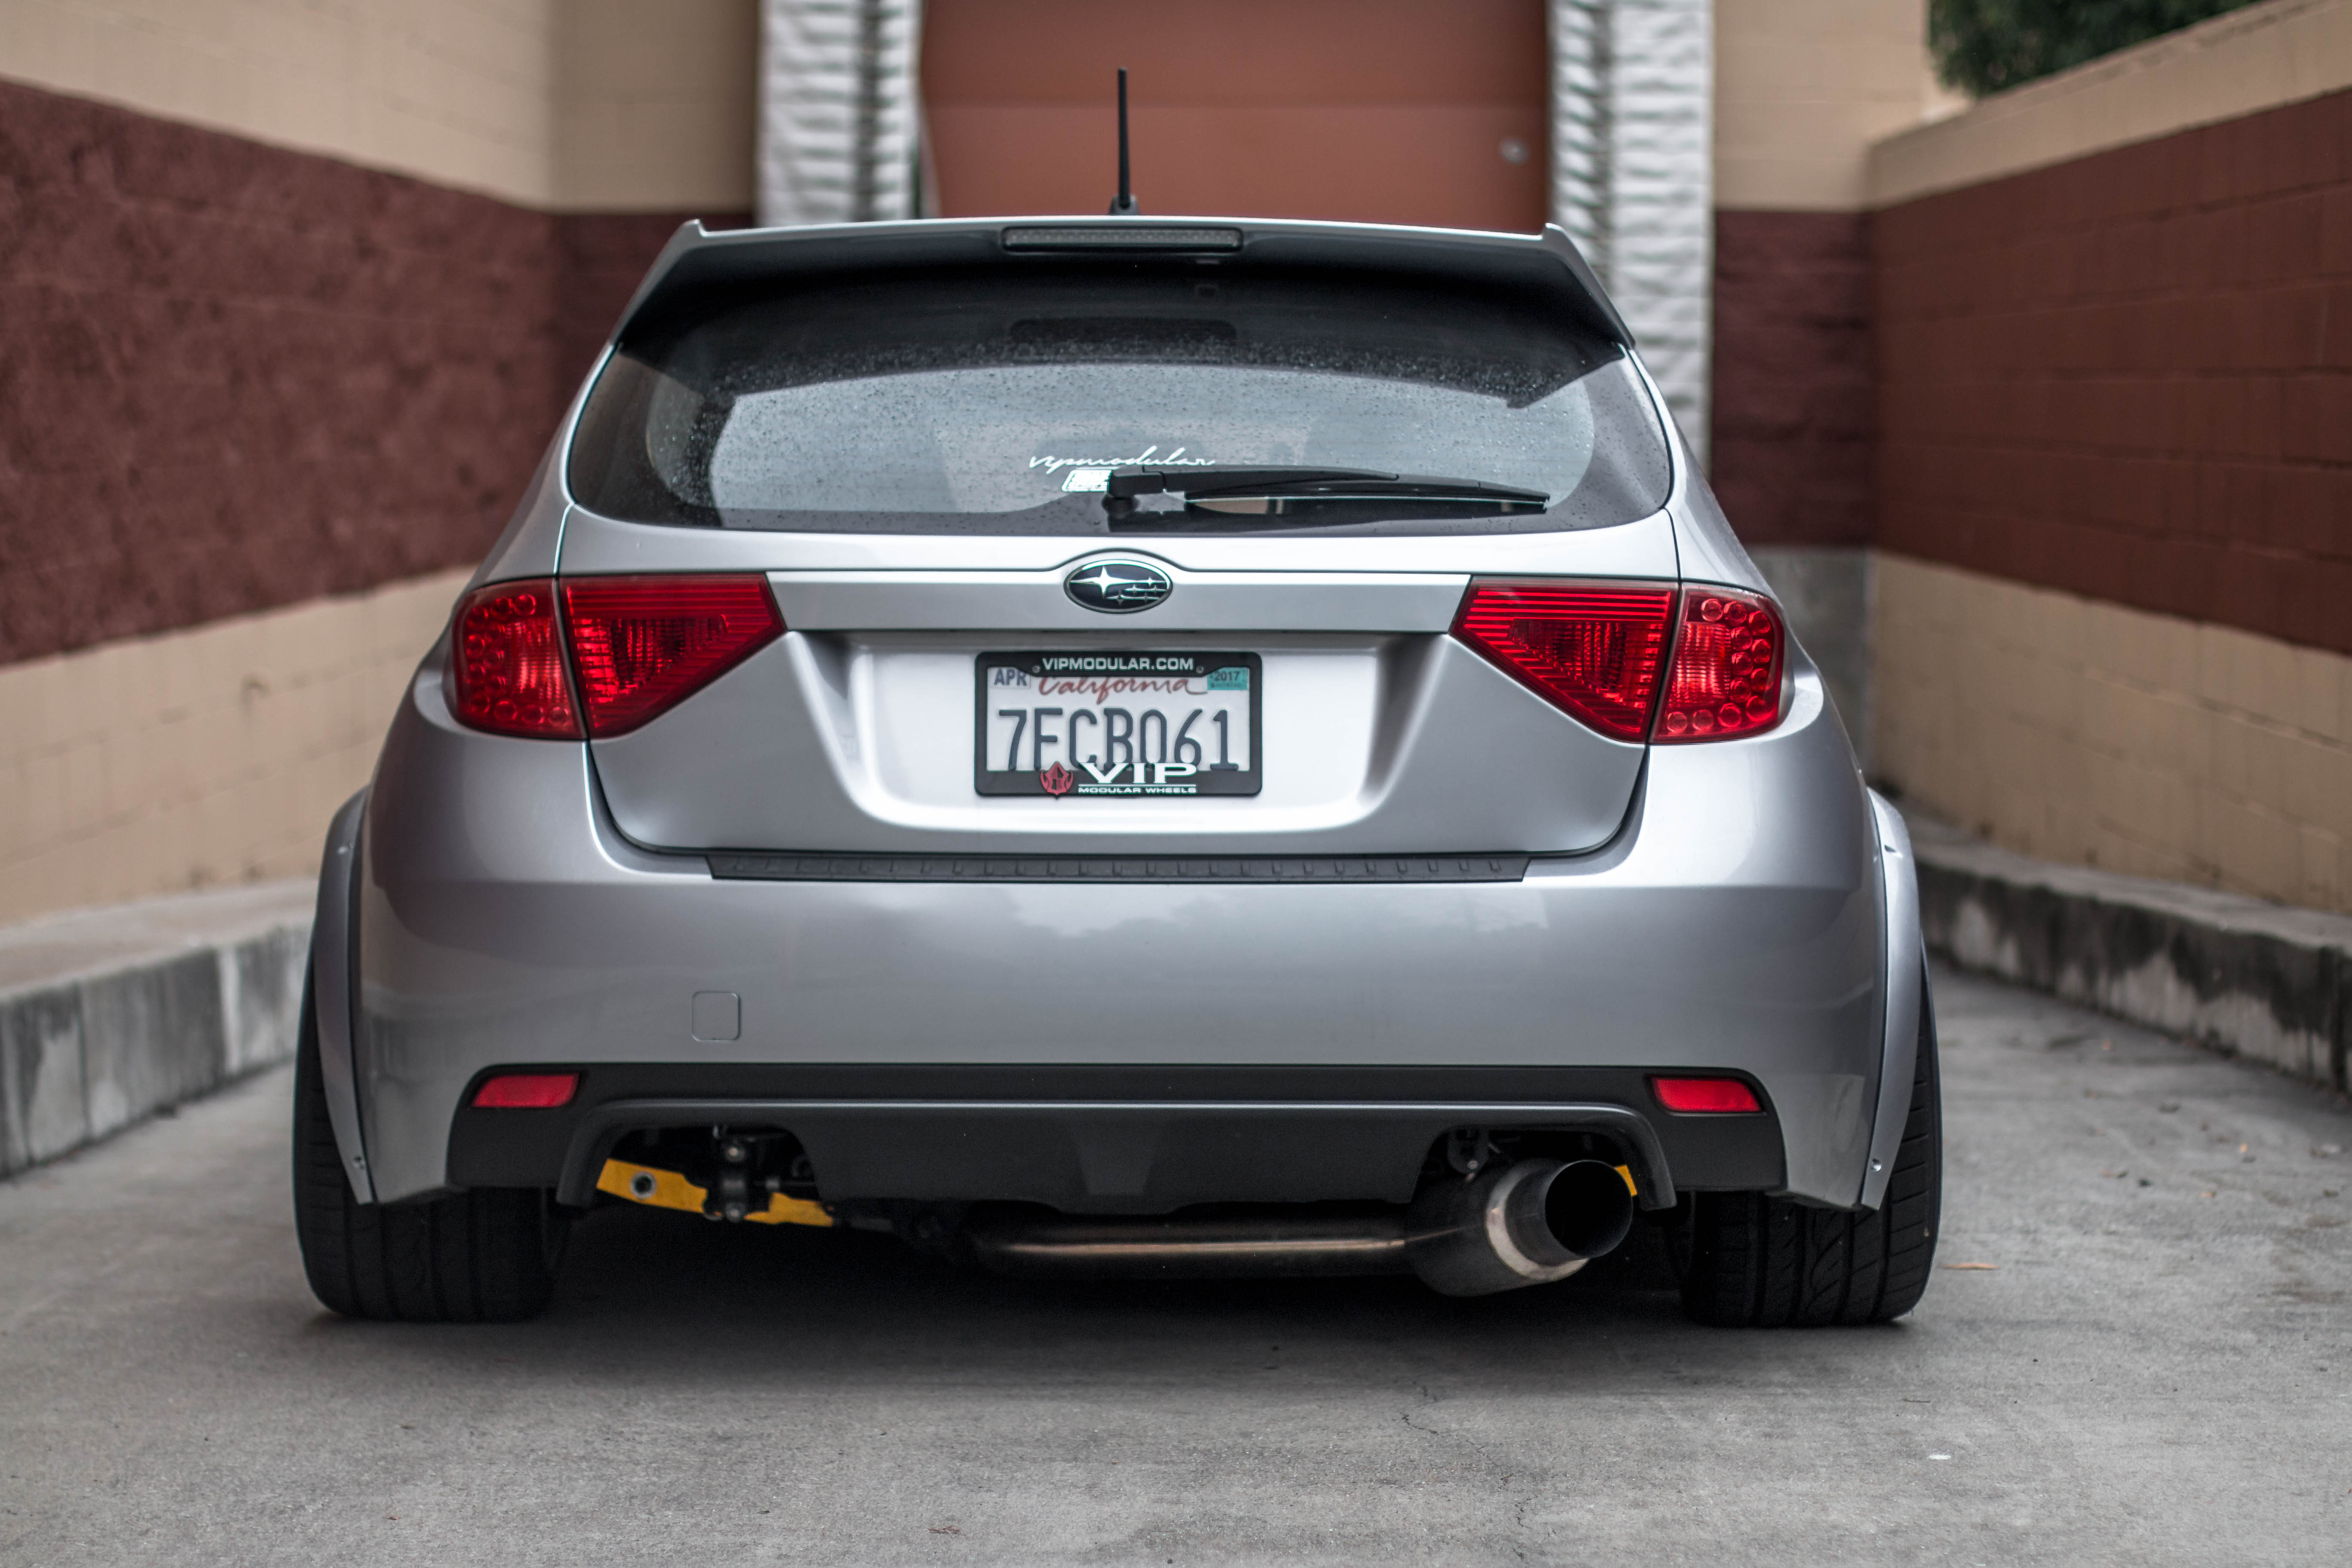 Bagged Subaru STI